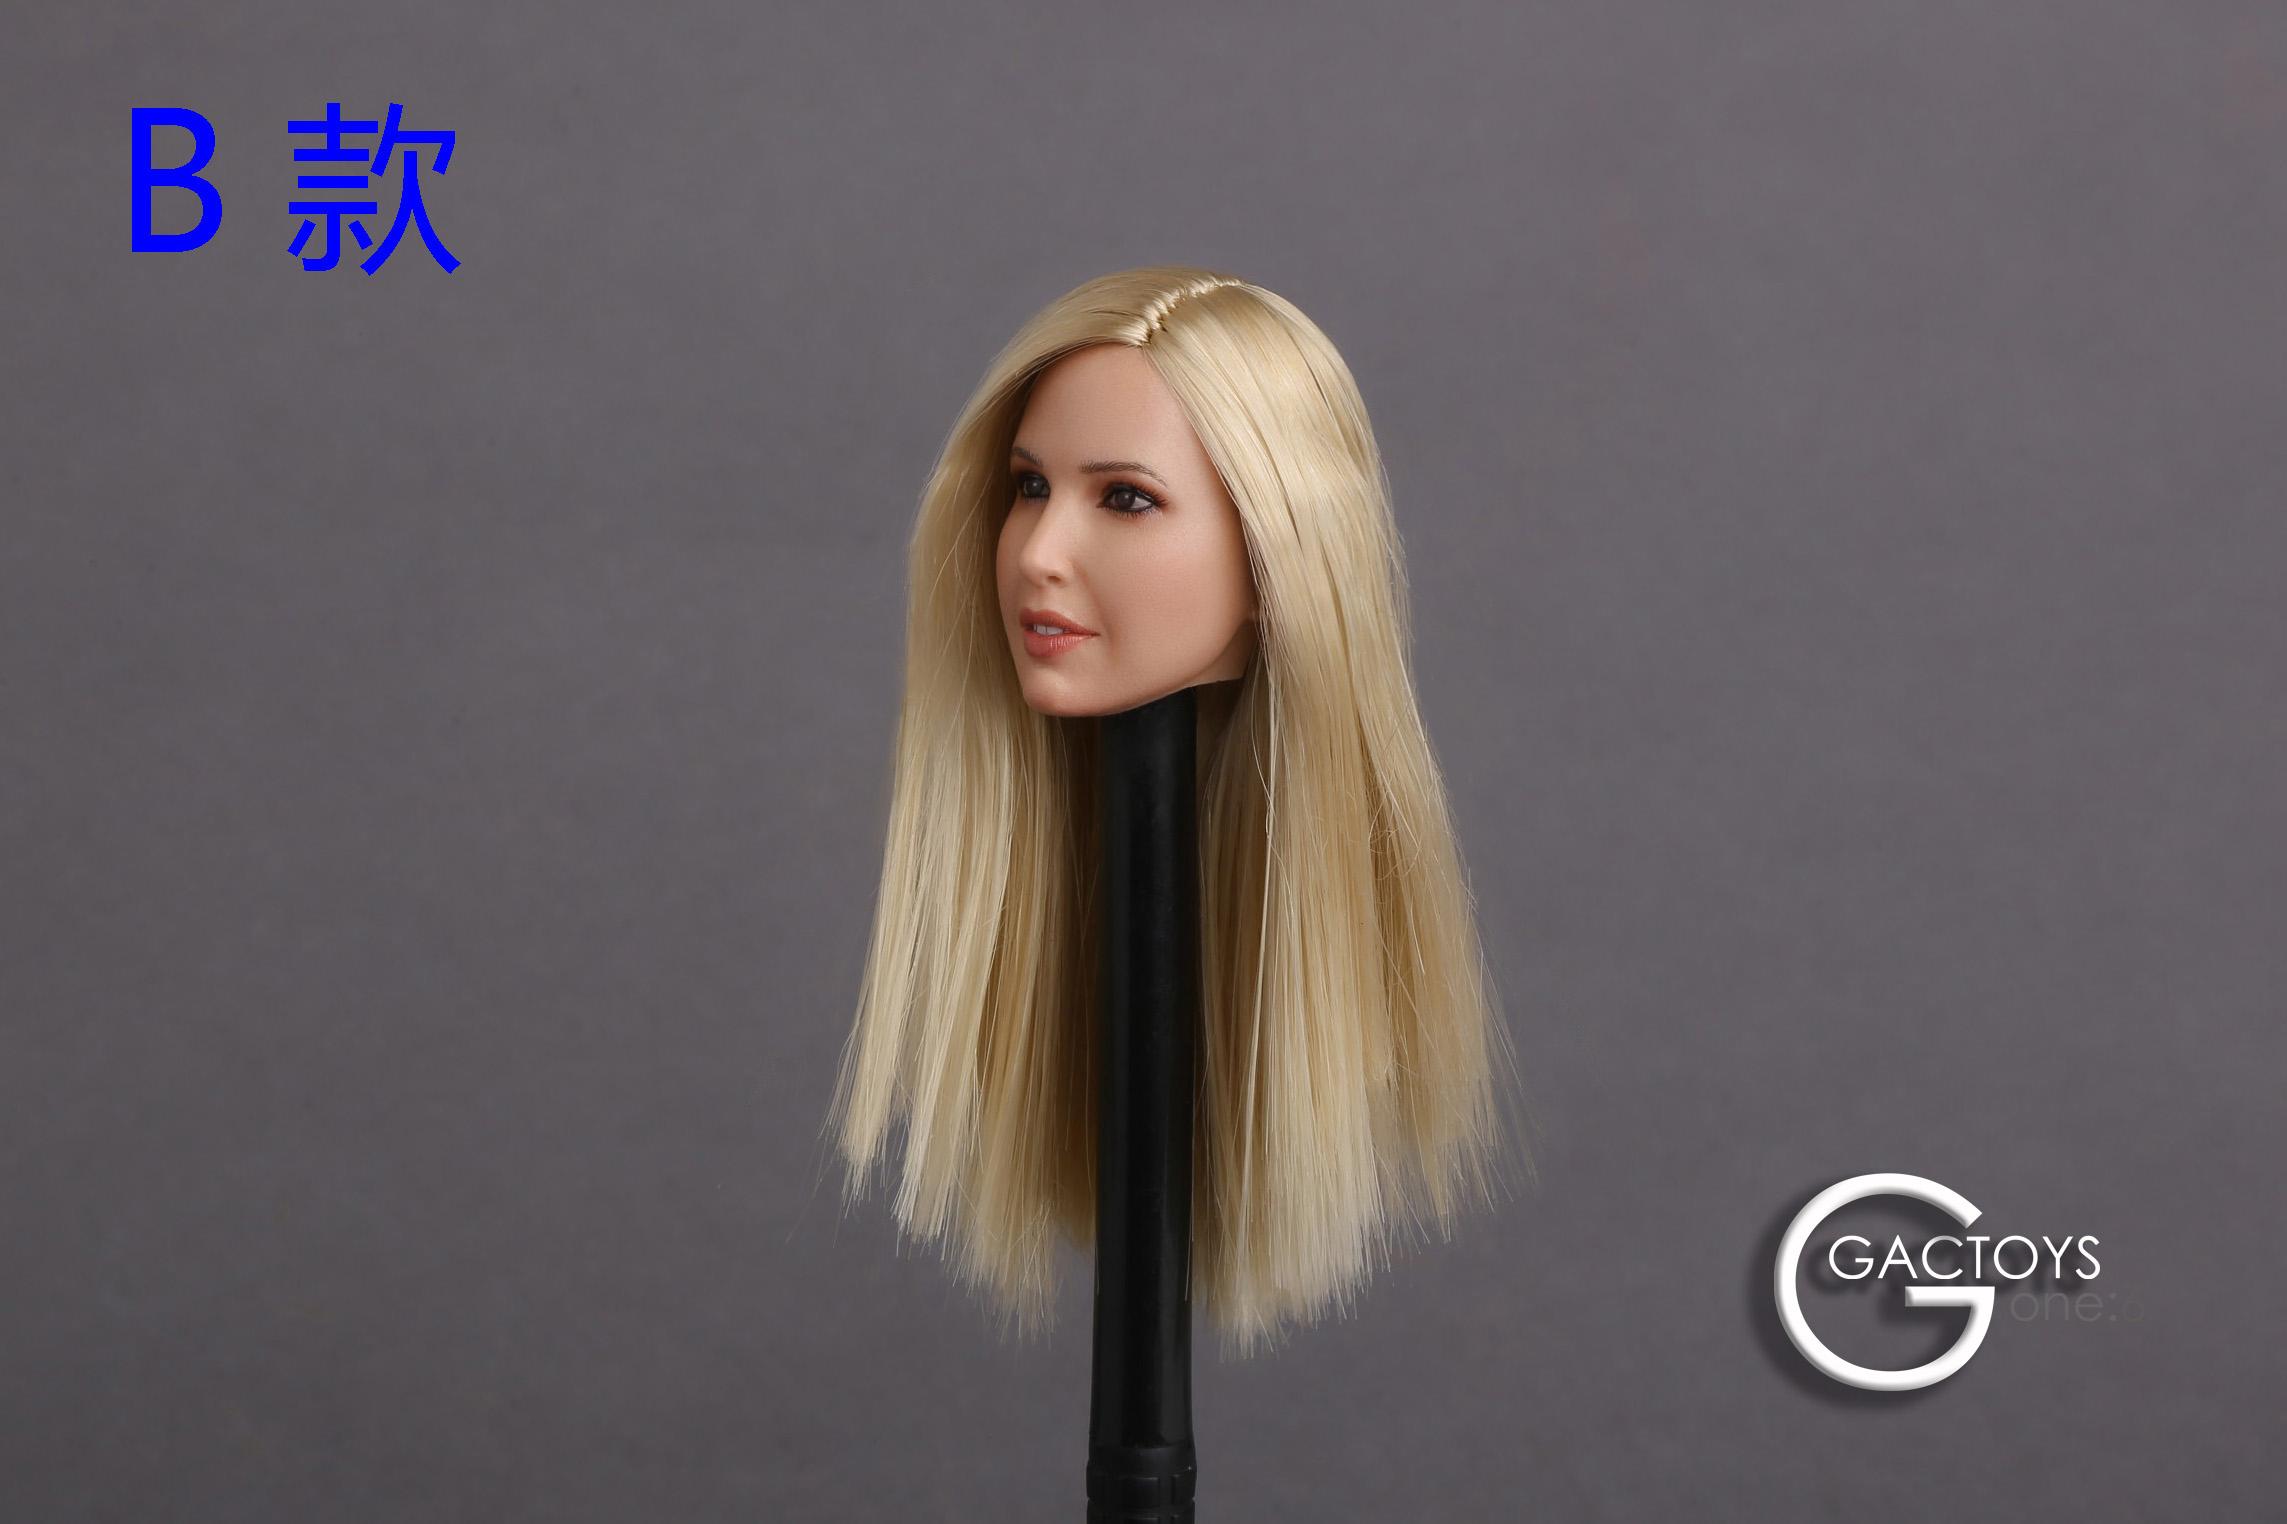 gac-head18-03